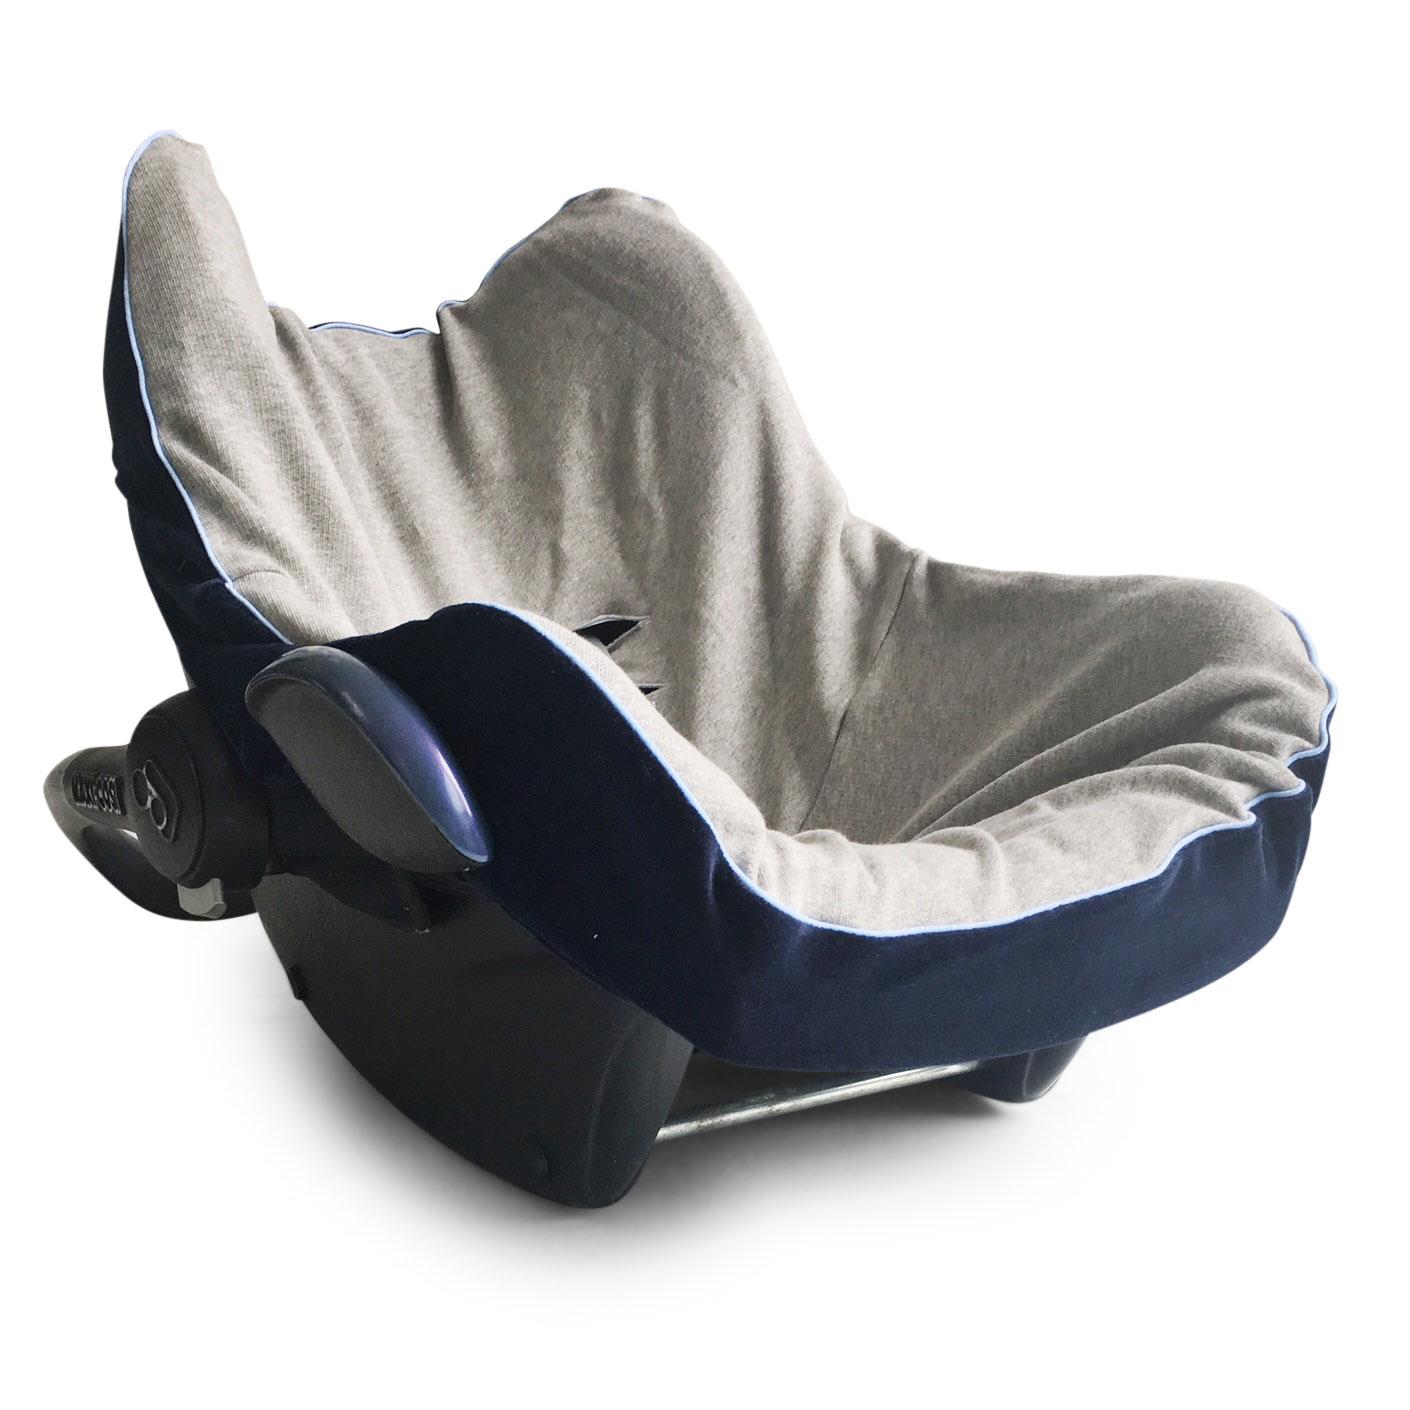 Hoes autostoel maxi cosi midnight express-2